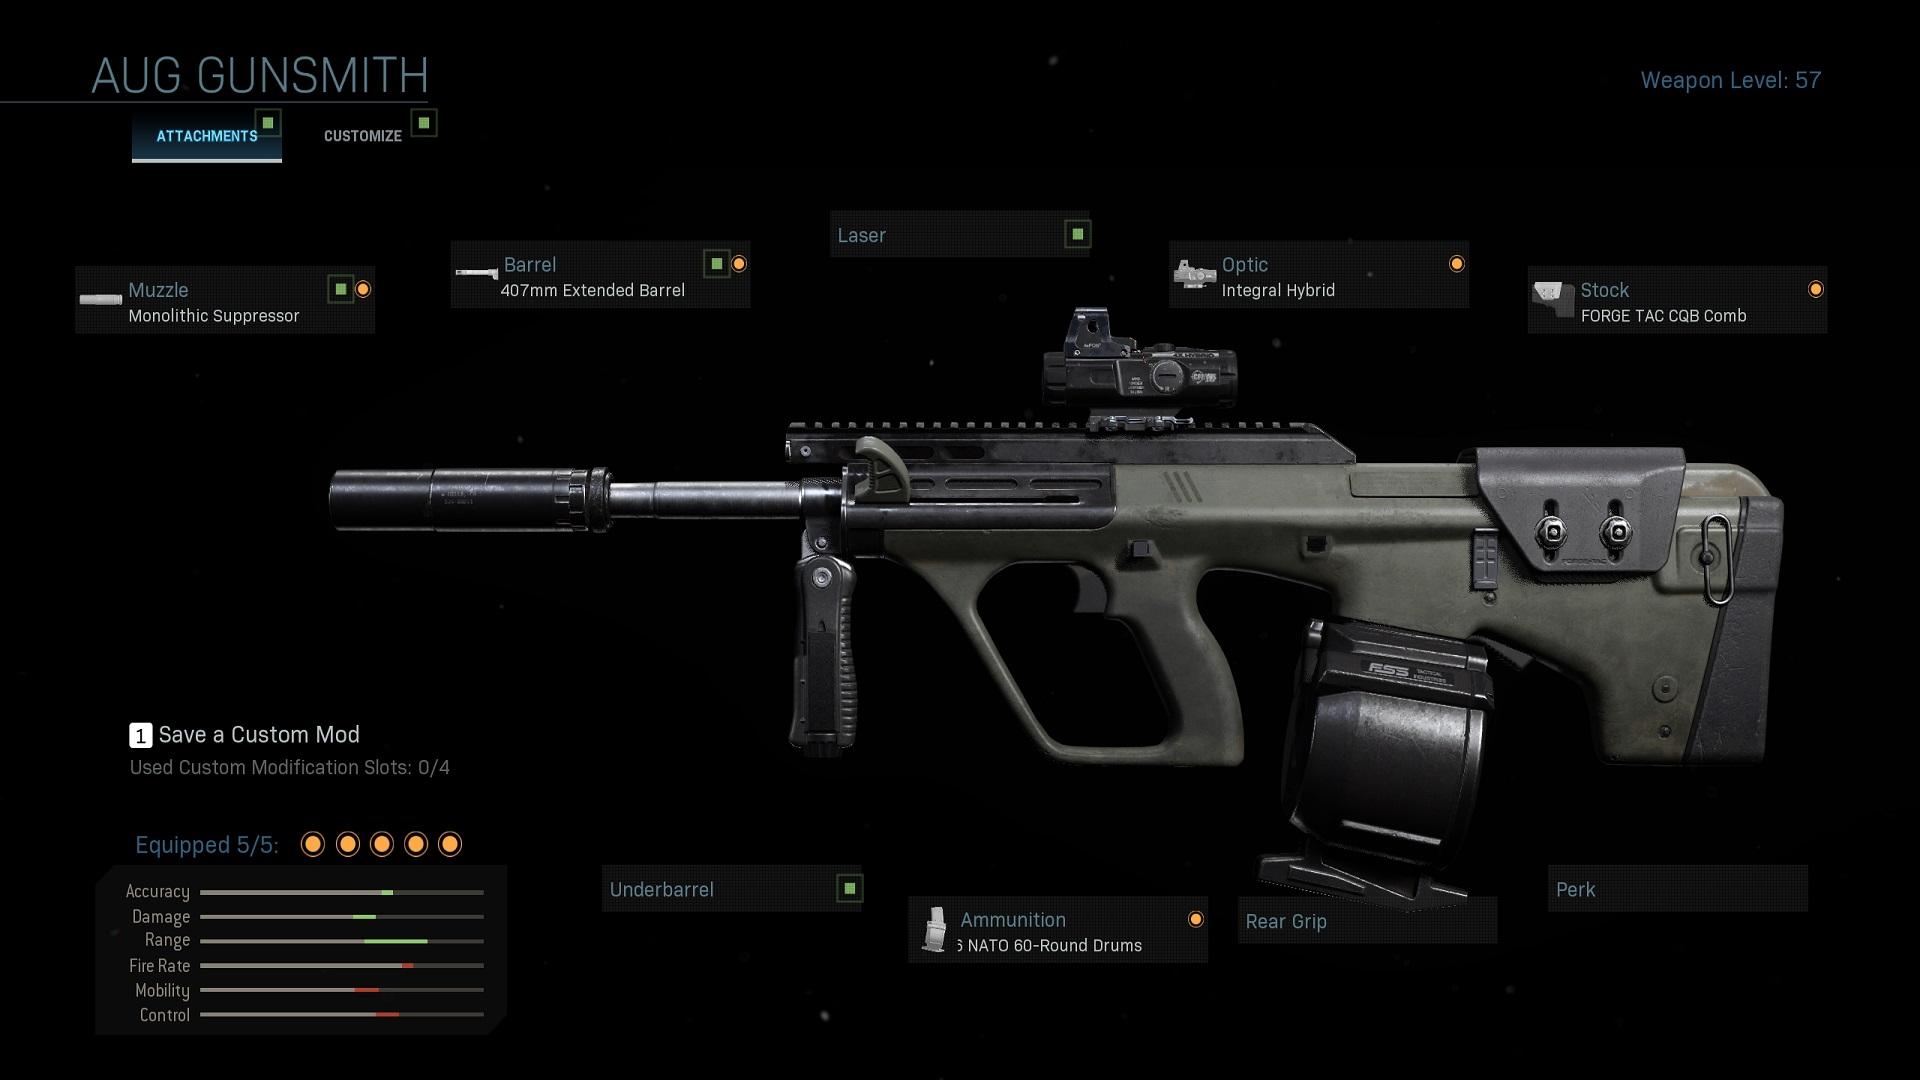 Modern Warfare / Warzone